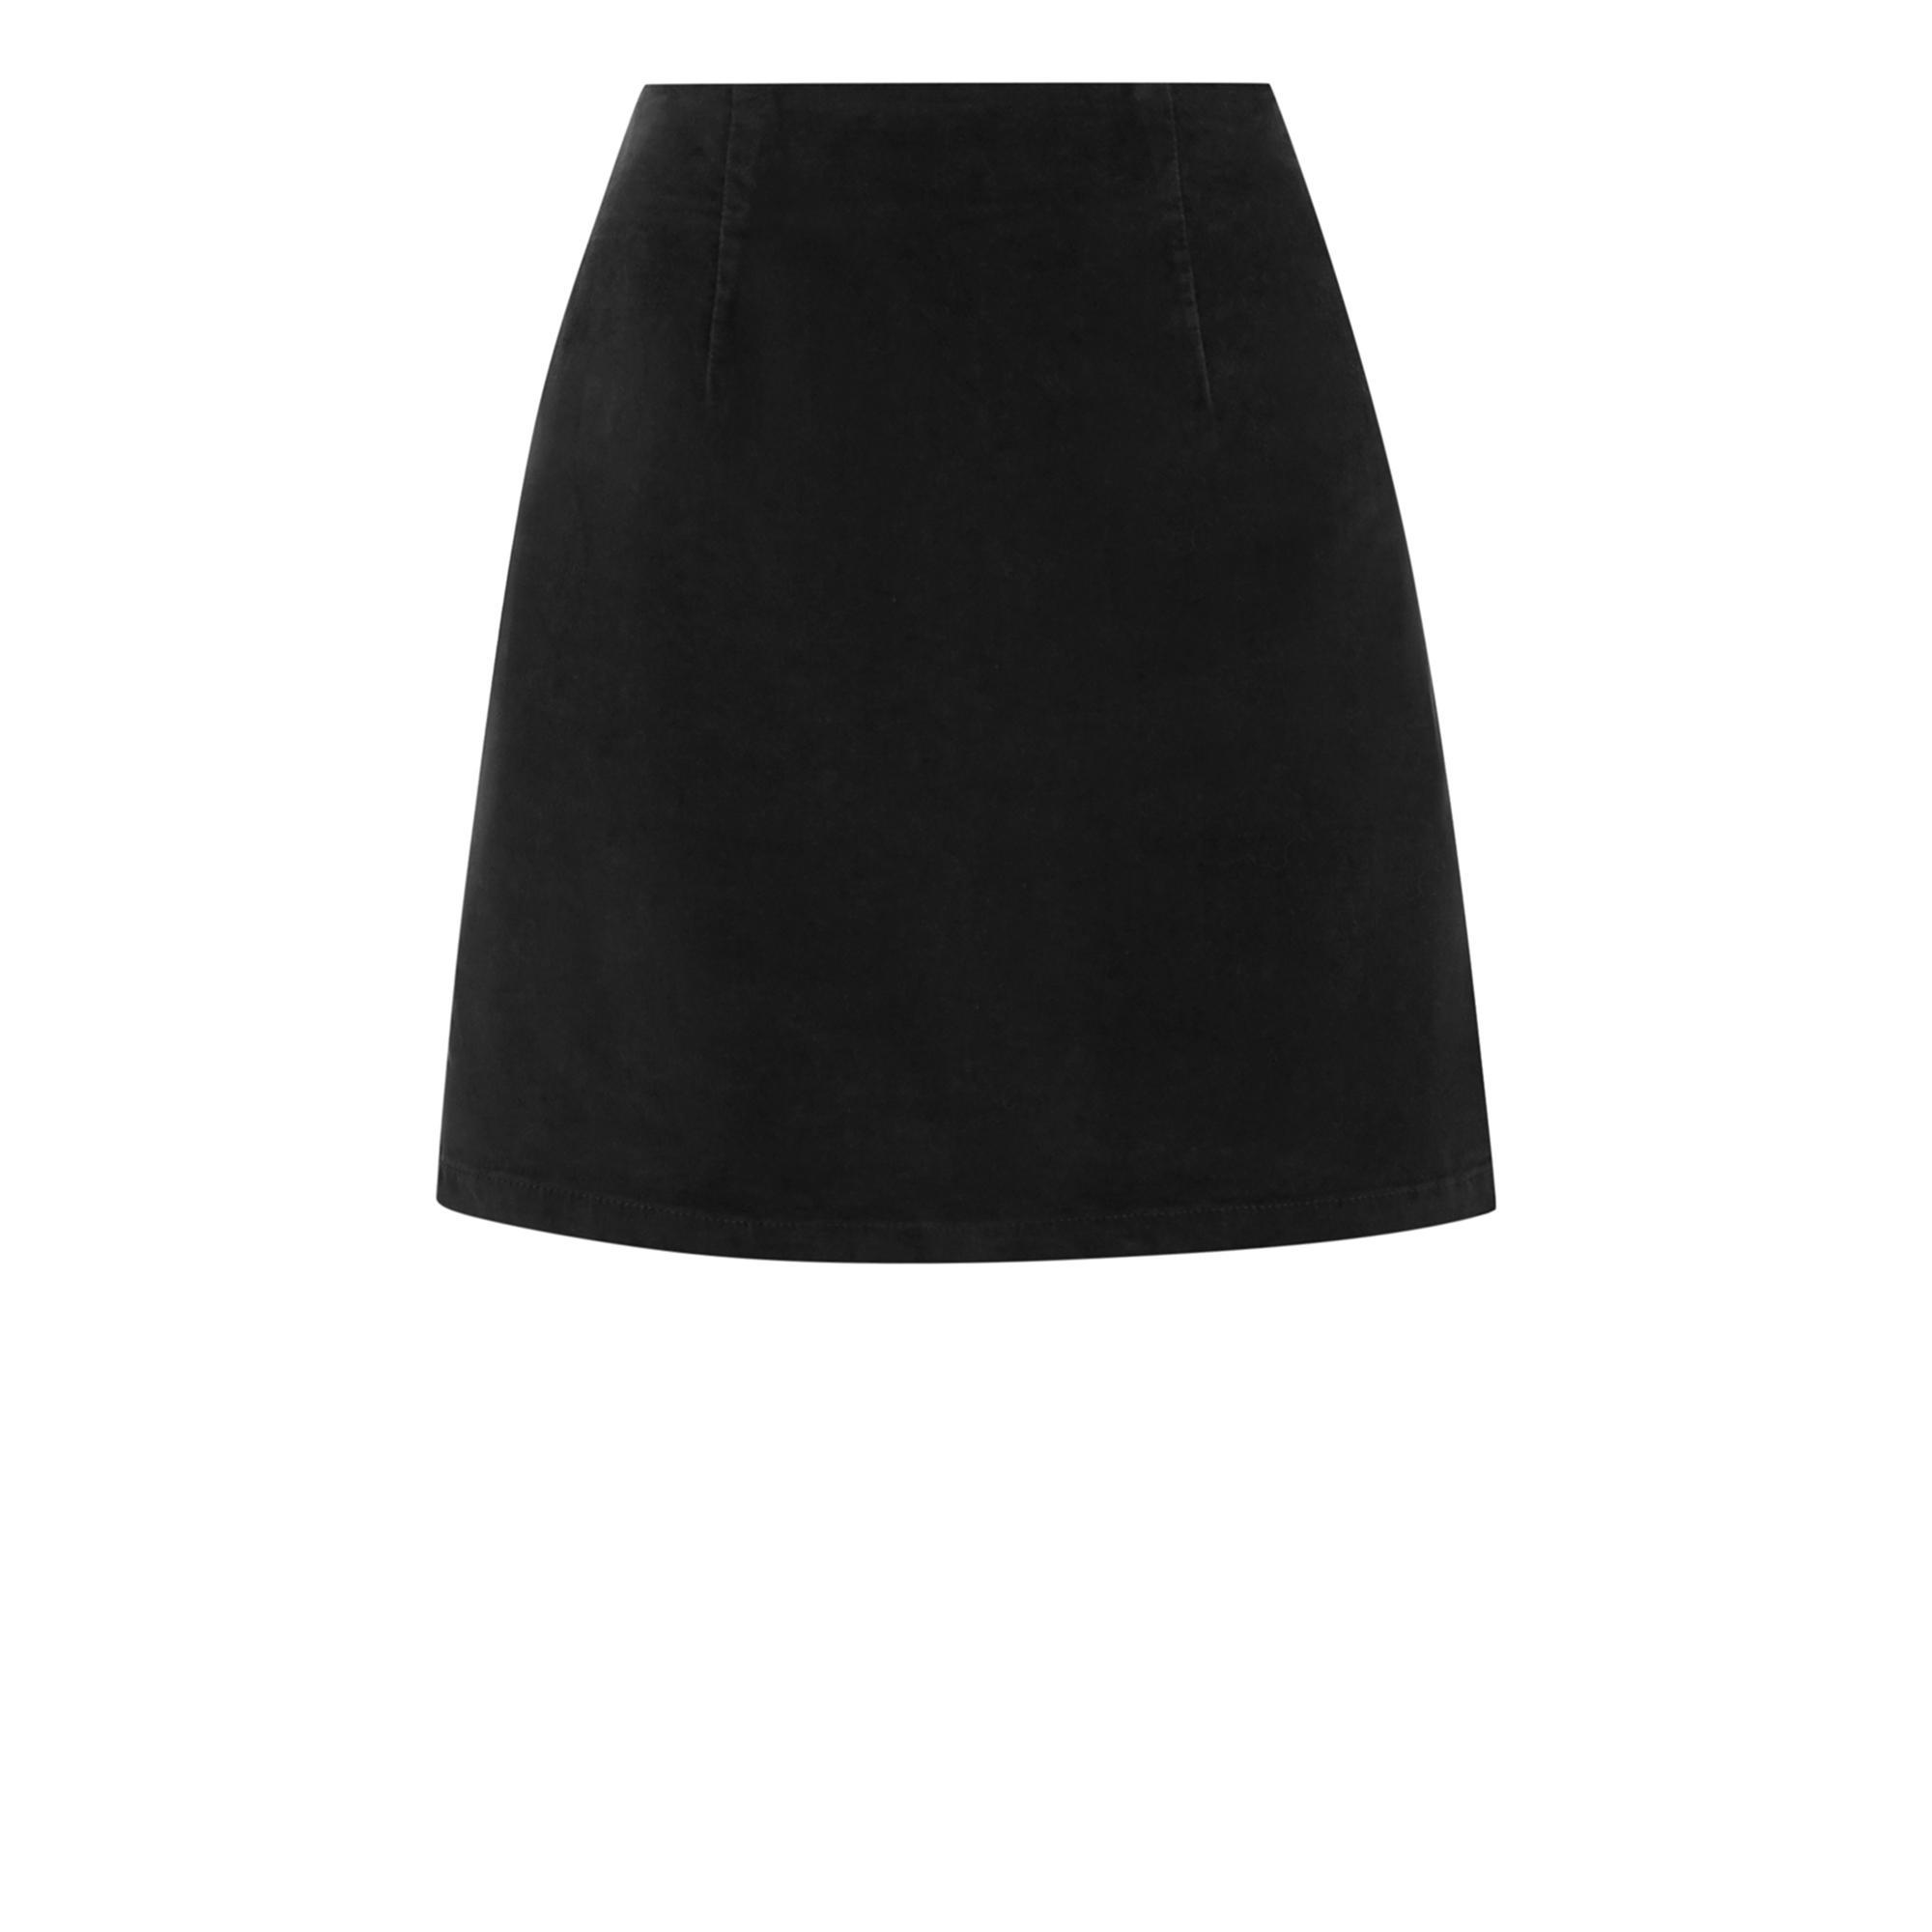 957d105d67fb17 Warehouse Velvet Mini Skirt in Black - Lyst